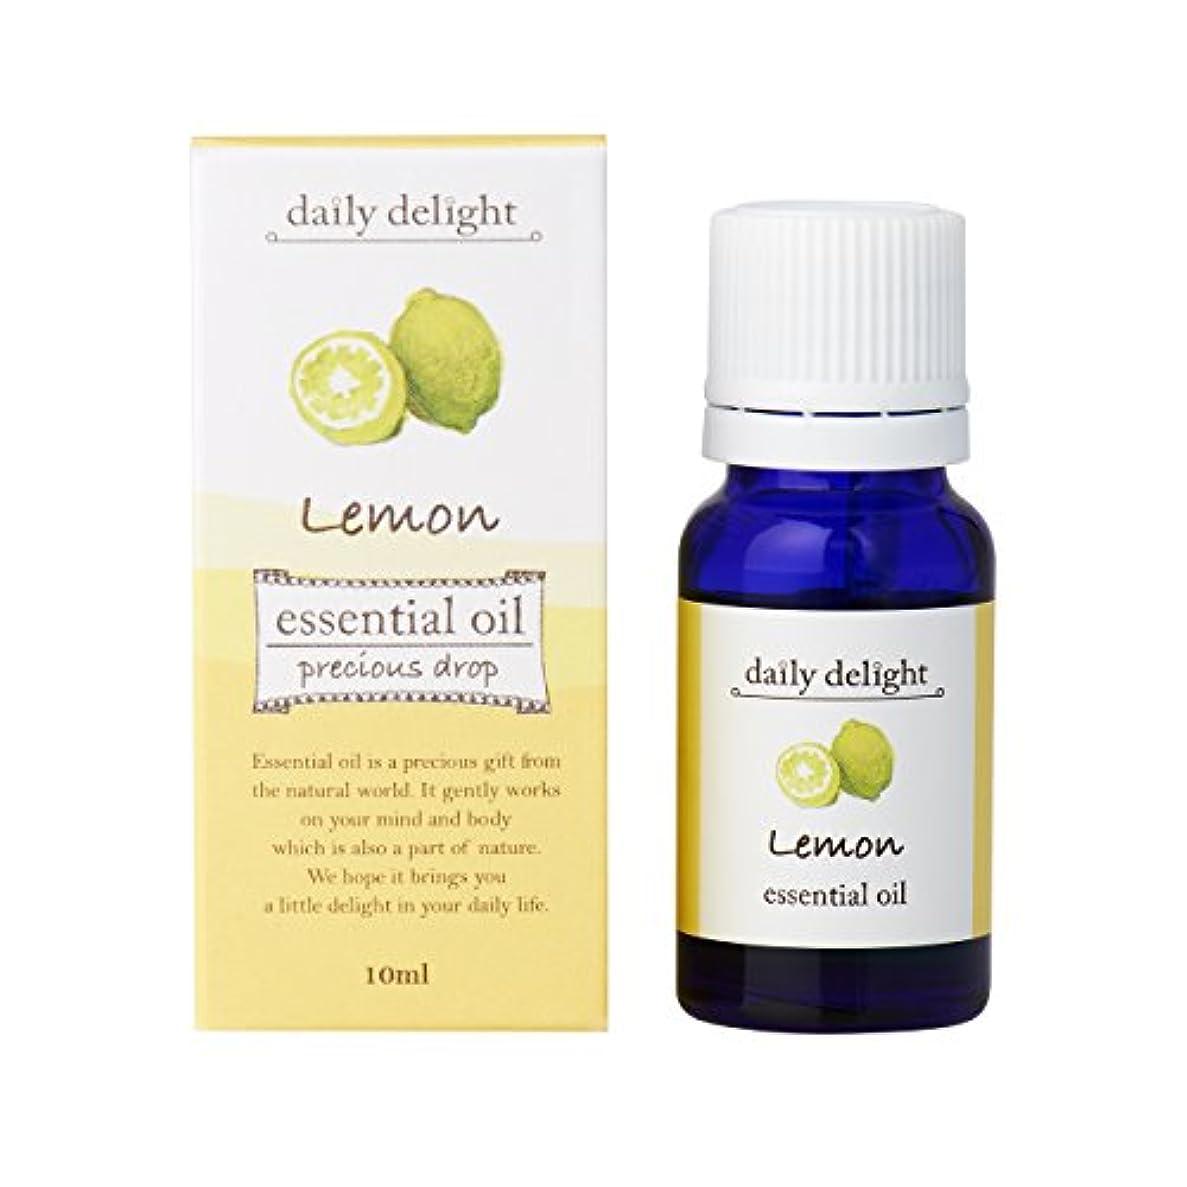 半球溶接模倣デイリーディライト エッセンシャルオイル  レモン 10ml(天然100% 精油 アロマ 柑橘系 さっぱりして気分転換におすすめの香り)